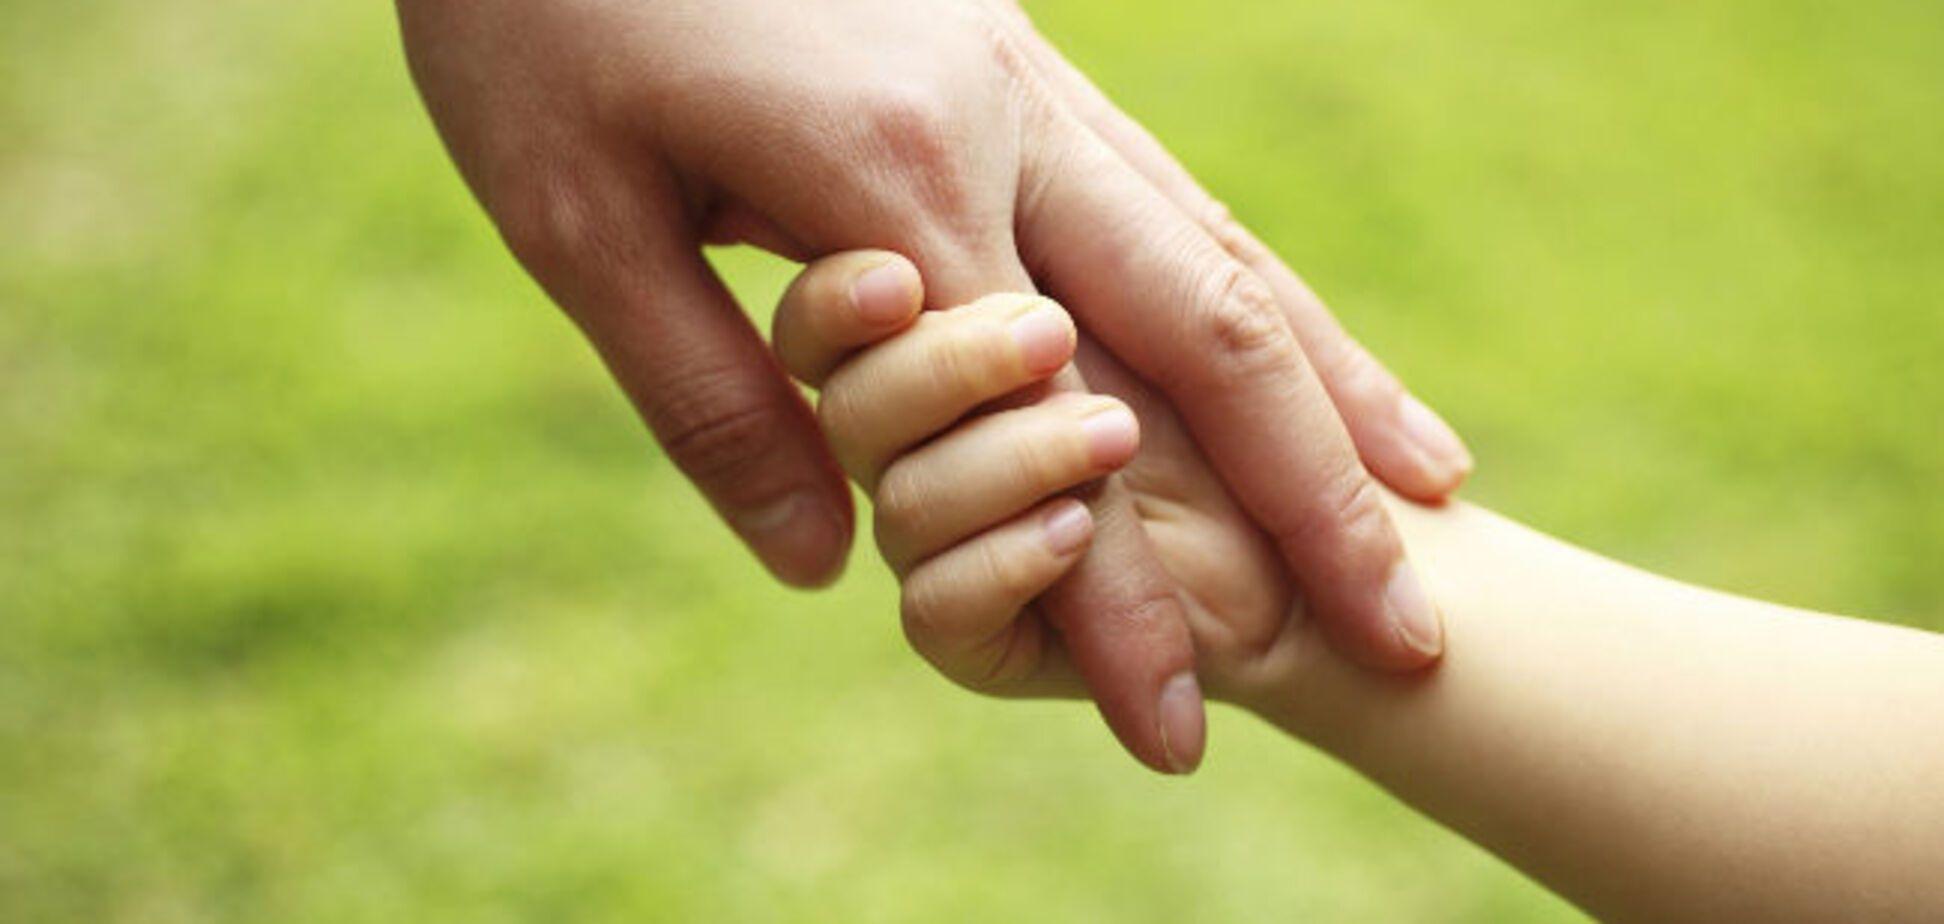 Пароль для ребенка: лучше перебдеть, чем умереть